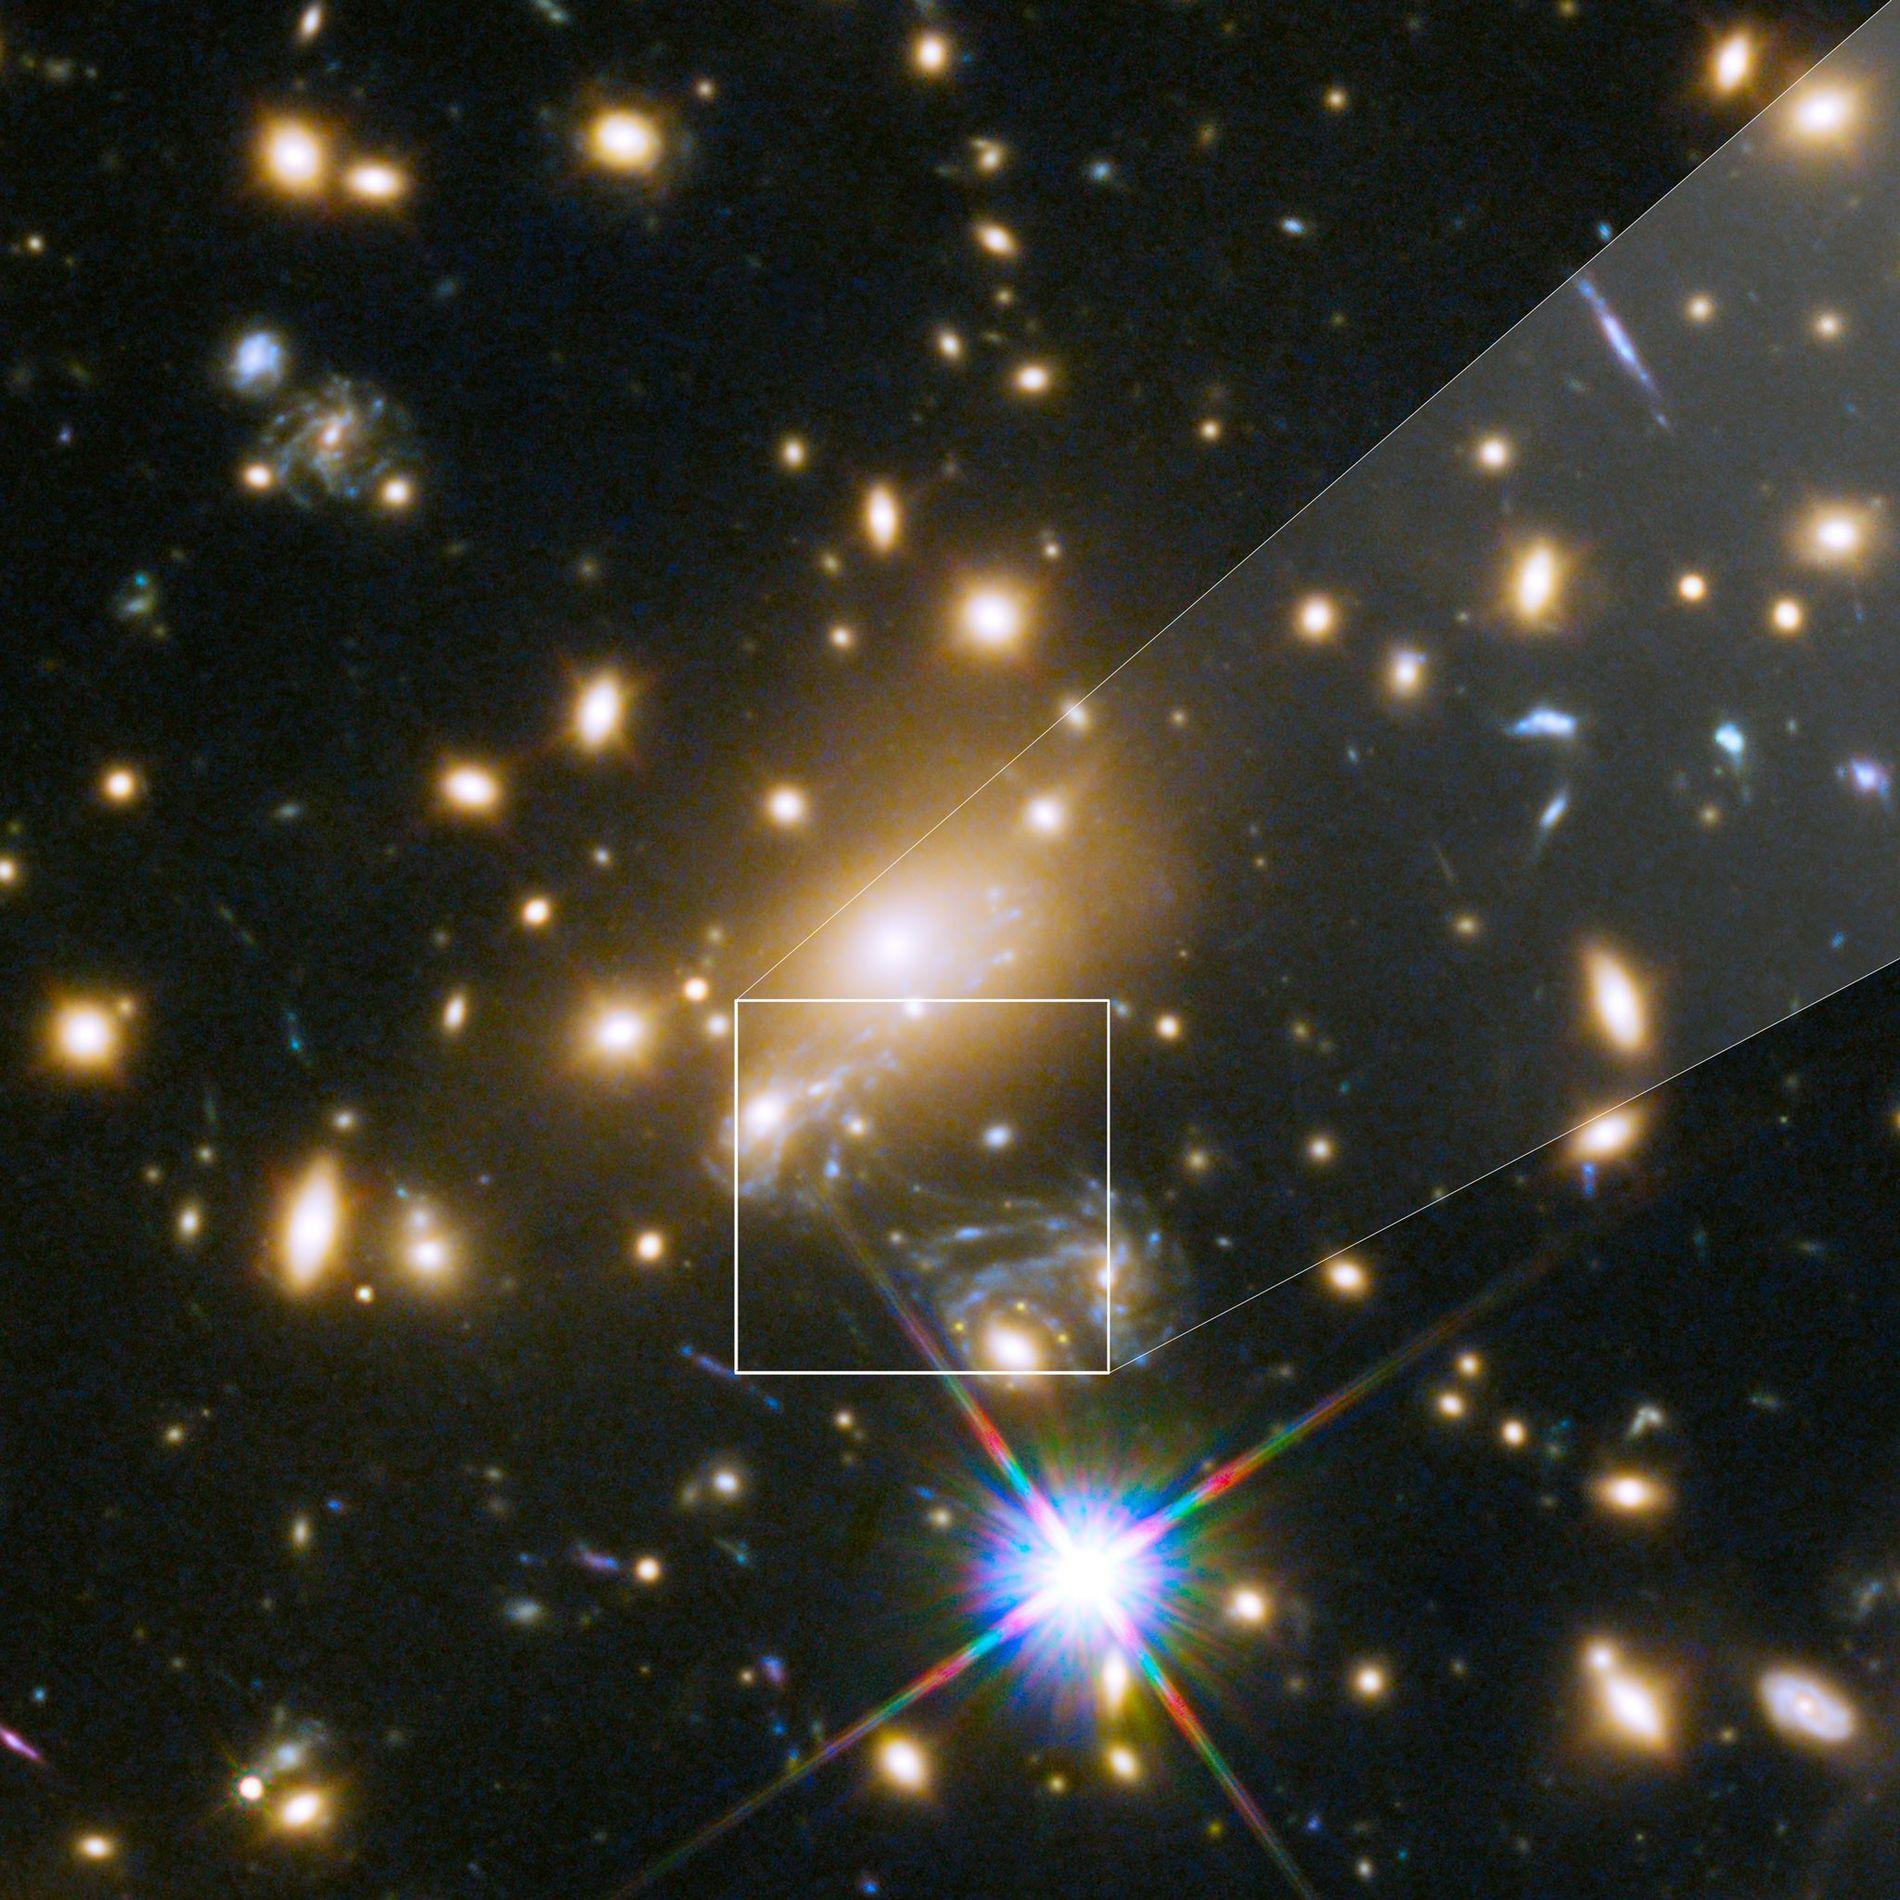 Icarus oder MACS J1149+2223 Lensed Star 1, ist der entfernteste Stern, der je beobachtet wurde. Er ist nur durch den Gravitationslinseneffekt eines großen Galaxienhaufens sichtbar, der sich in fünf Milliarden Lichtjahren Entfernung zur Erde befindet.